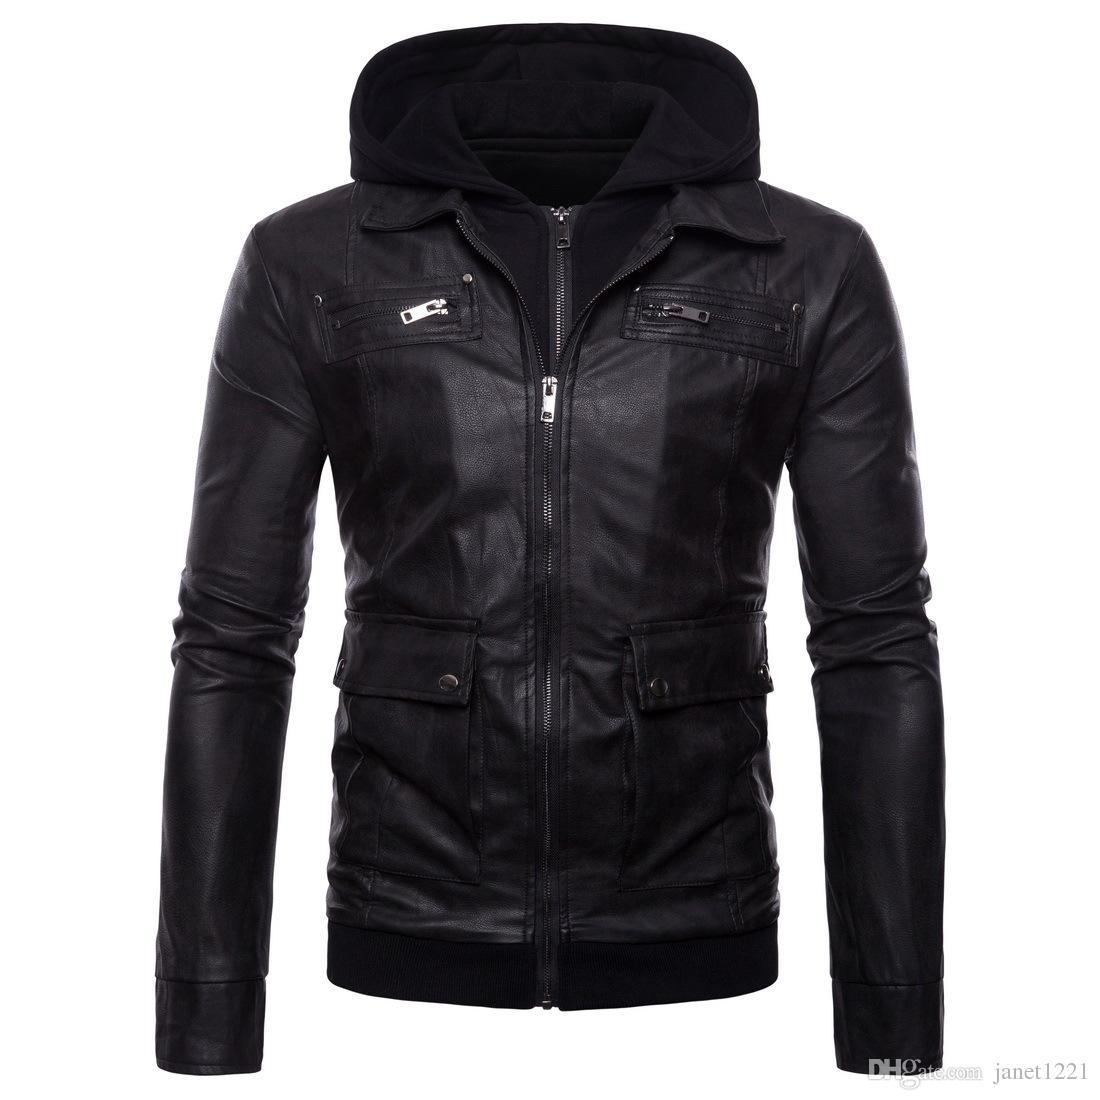 5XL мужчины кожаная куртка с капюшоном куртка зима теплая мотор Куртка для мужчин мульти карман мода PU мужчины пальто поддельные два комплекта J180726